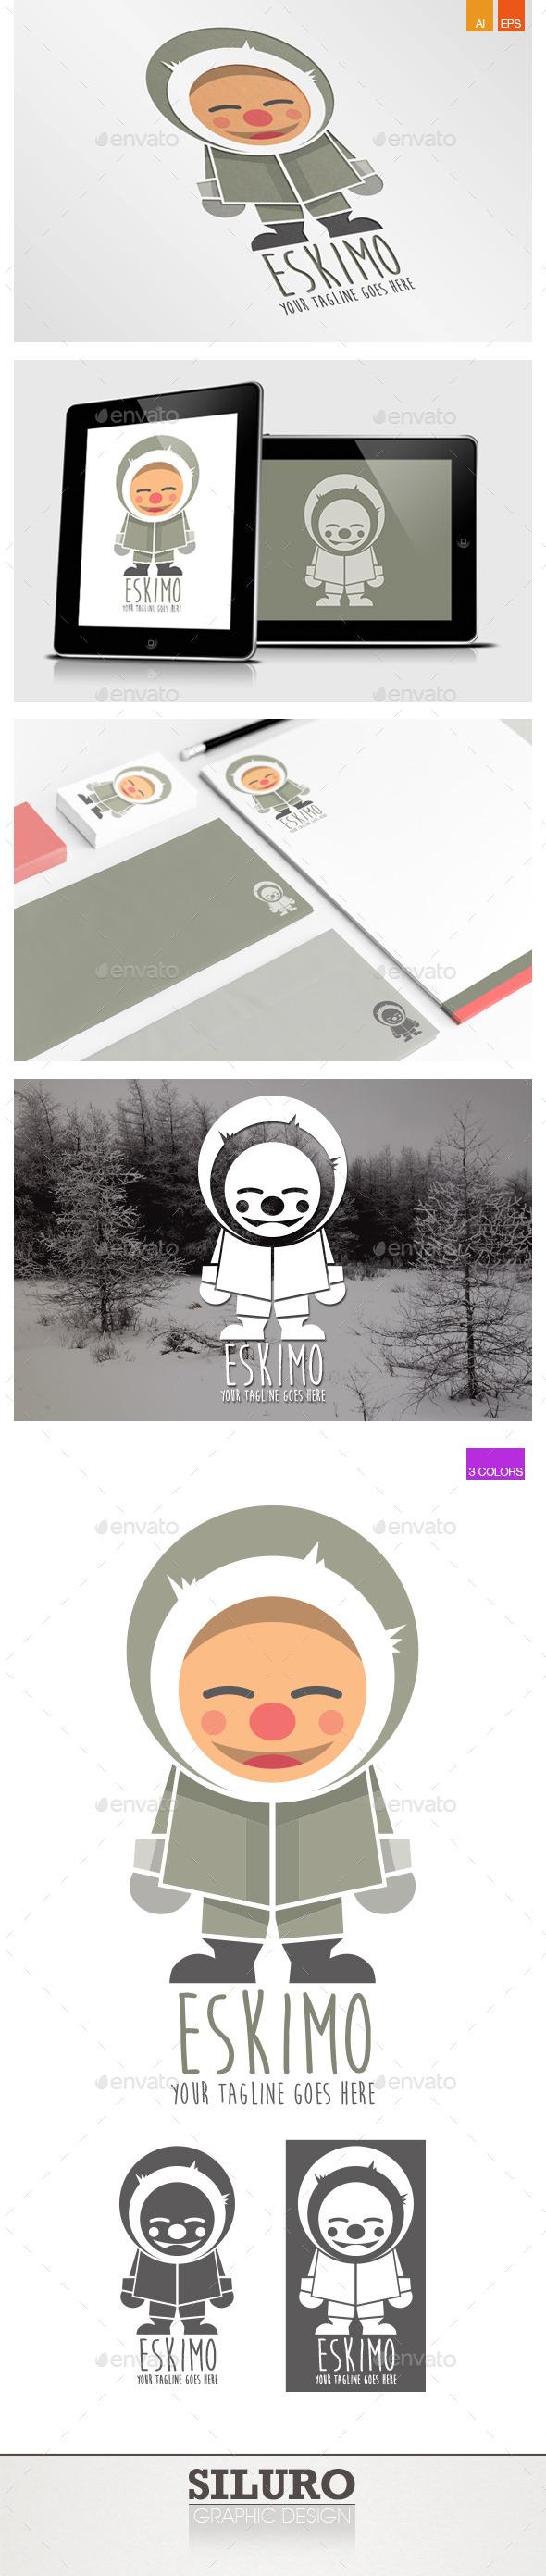 GraphicRiver Eskimo Logo 9090081